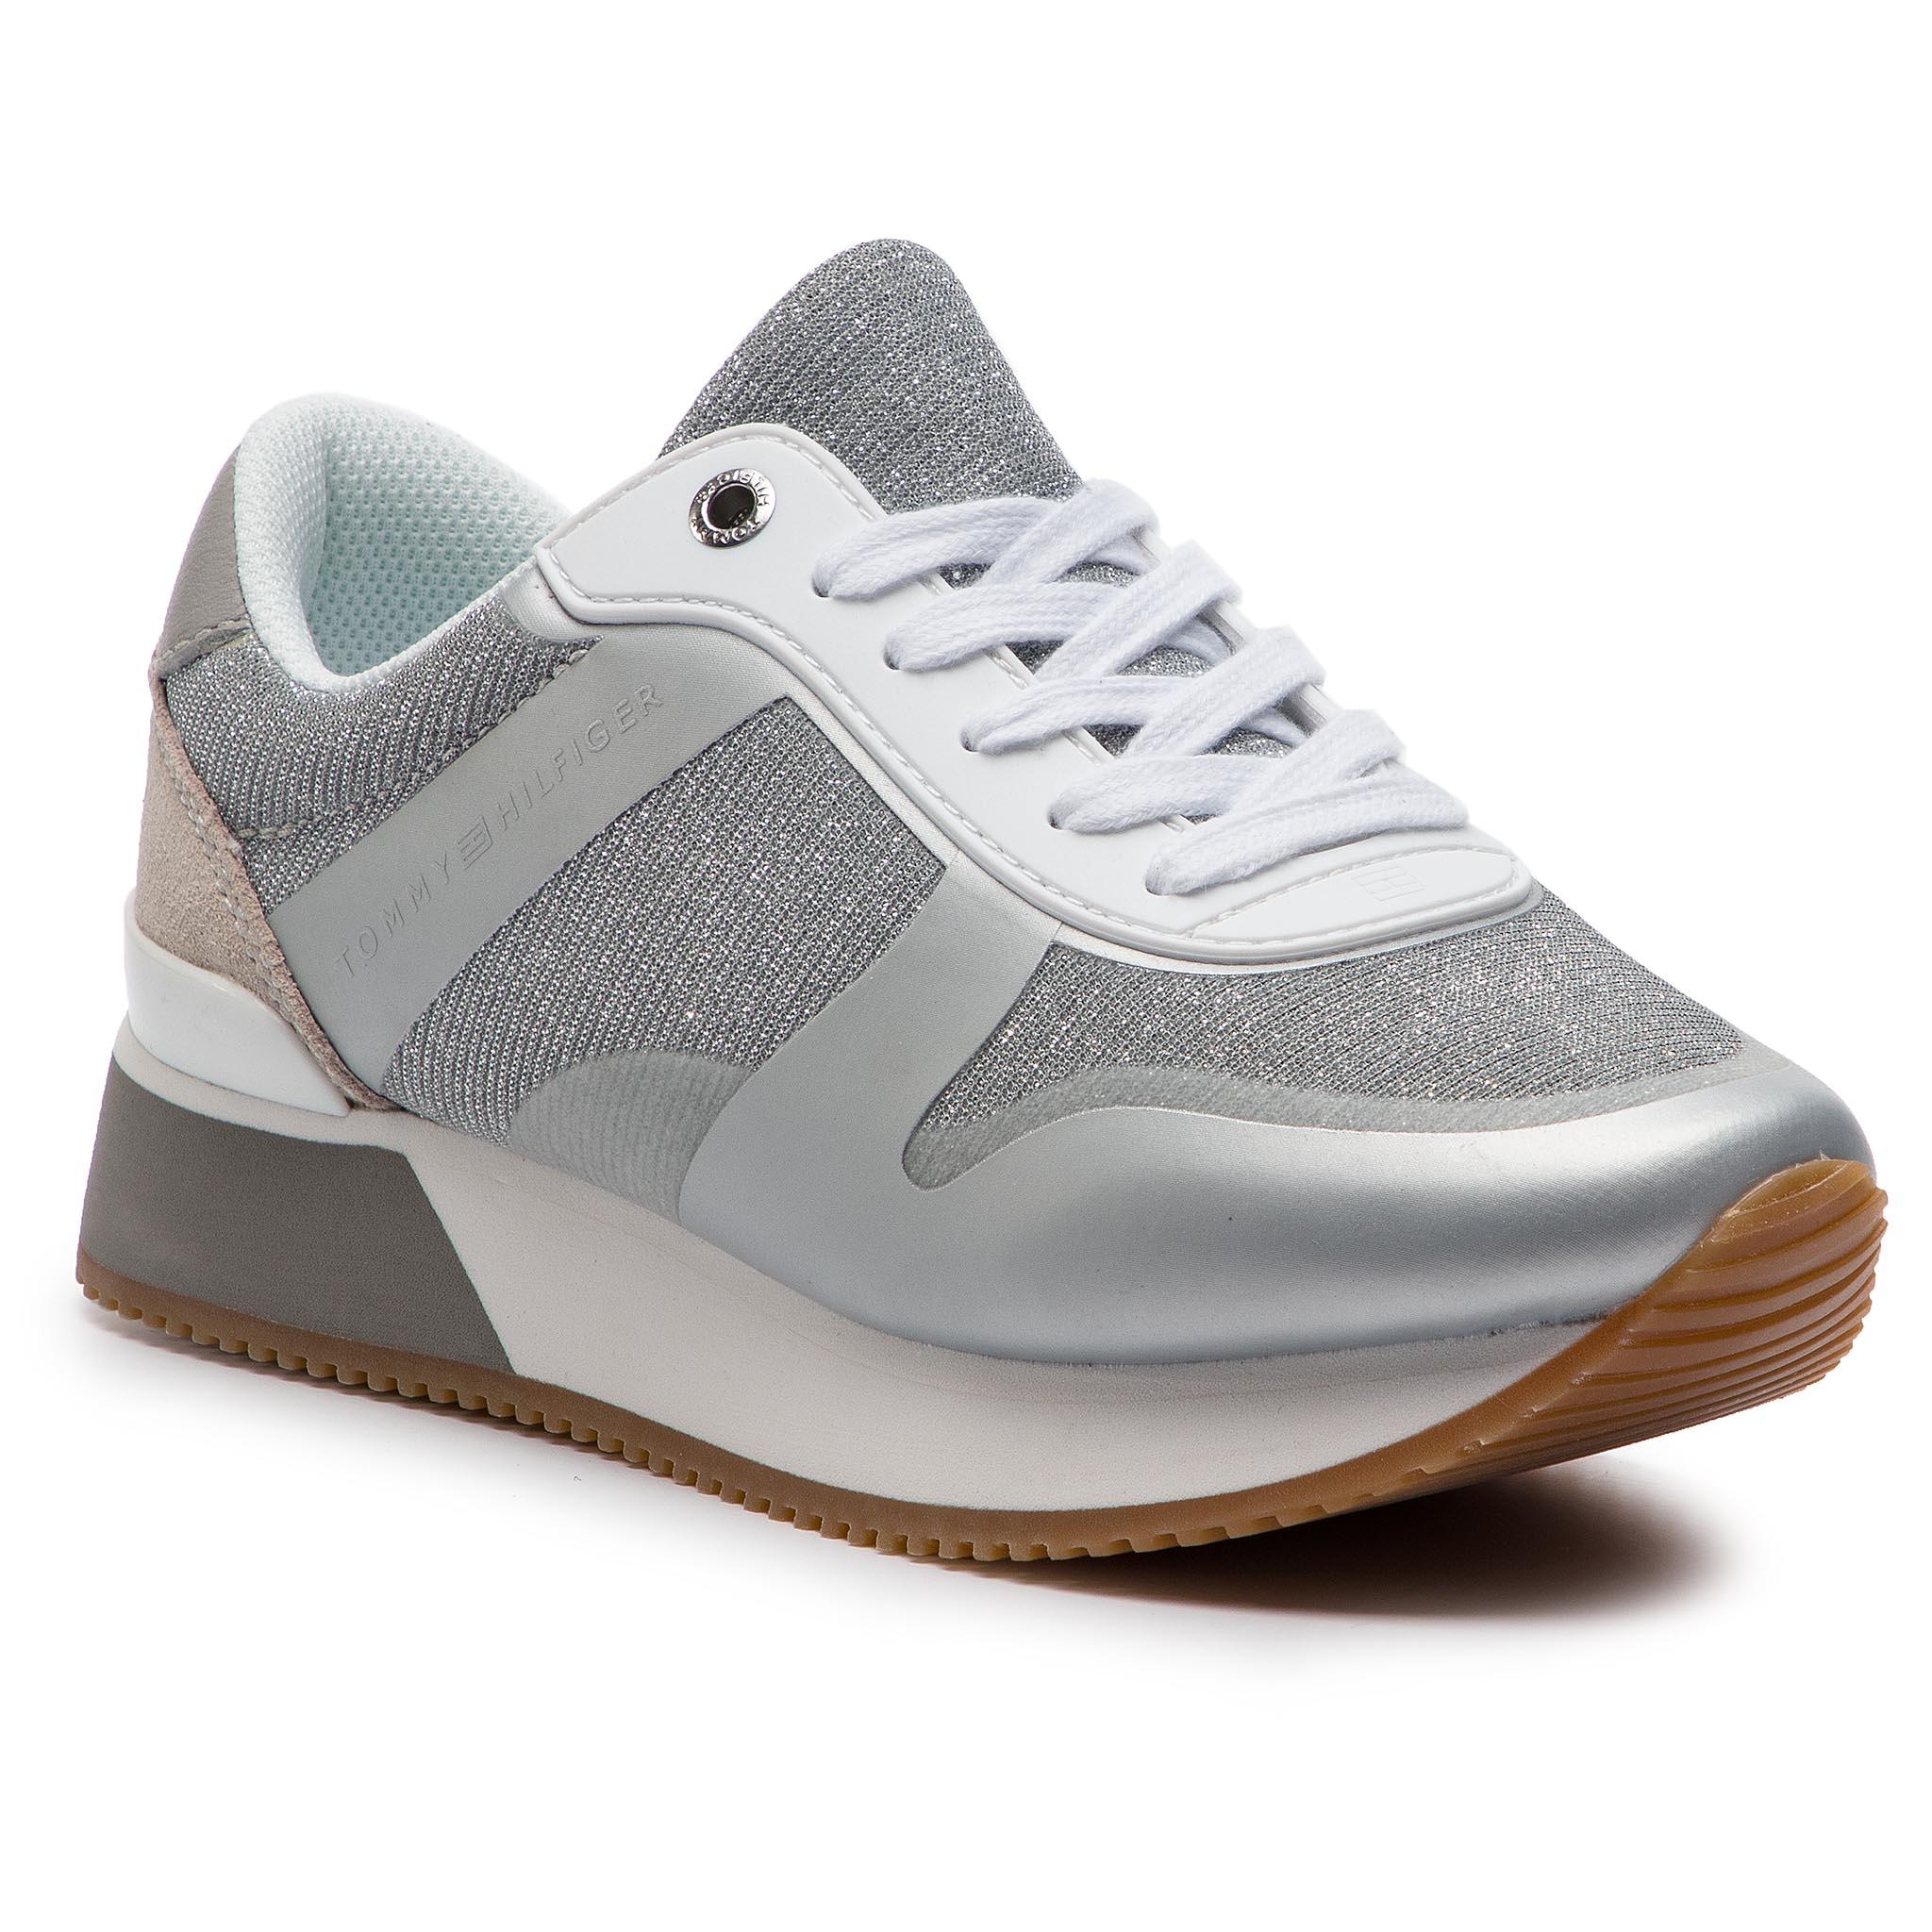 Sportcipő TOMMY HILFIGER - Glitter City Sneaker FW0FW03772 Silver ... 391b5664e2